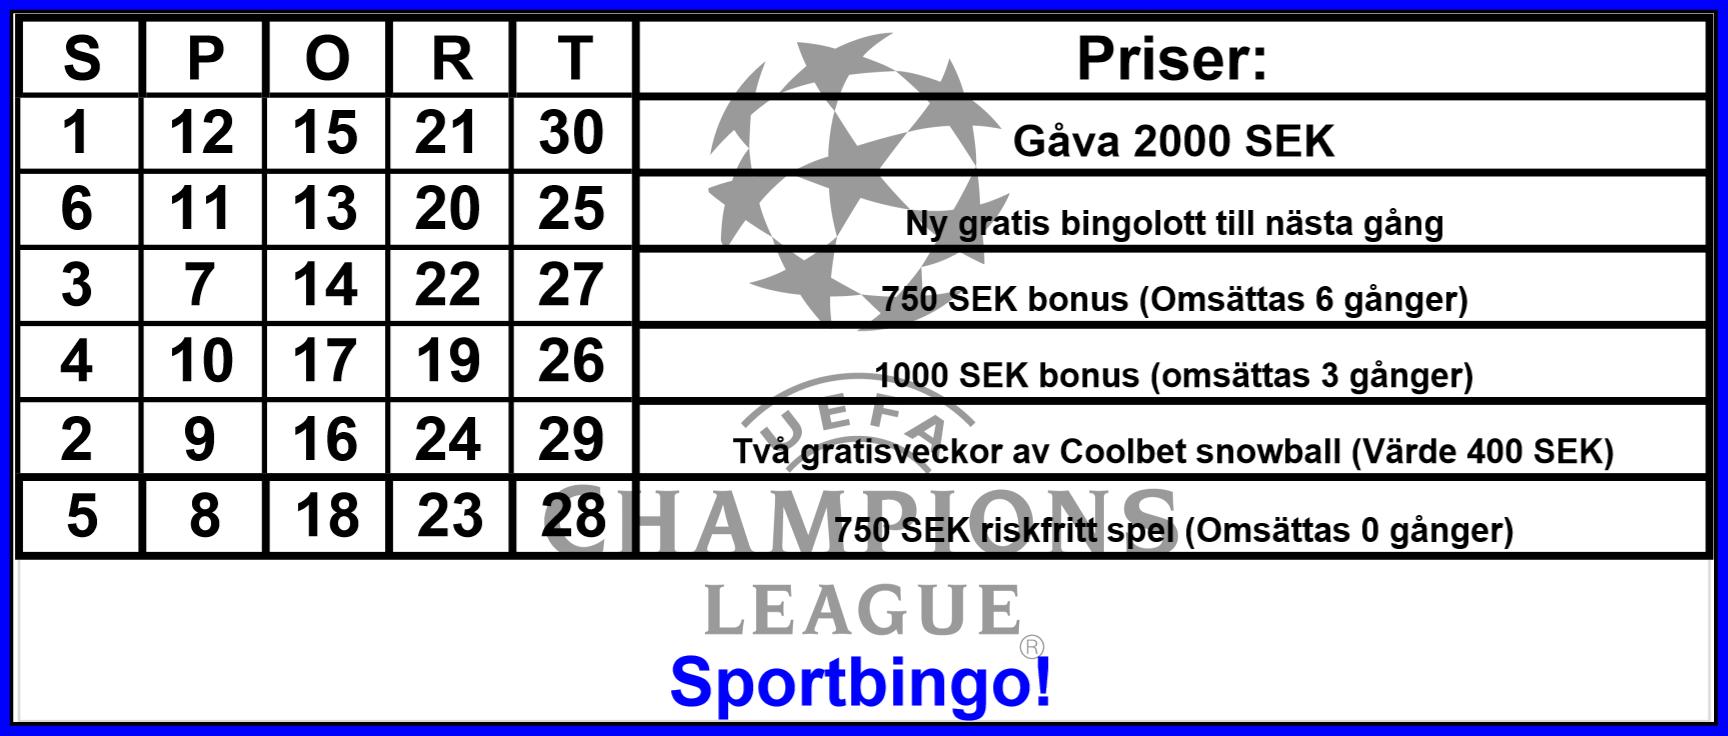 Sportbingo 13-14e mars (spelstopp tisdag 20.45!!!)